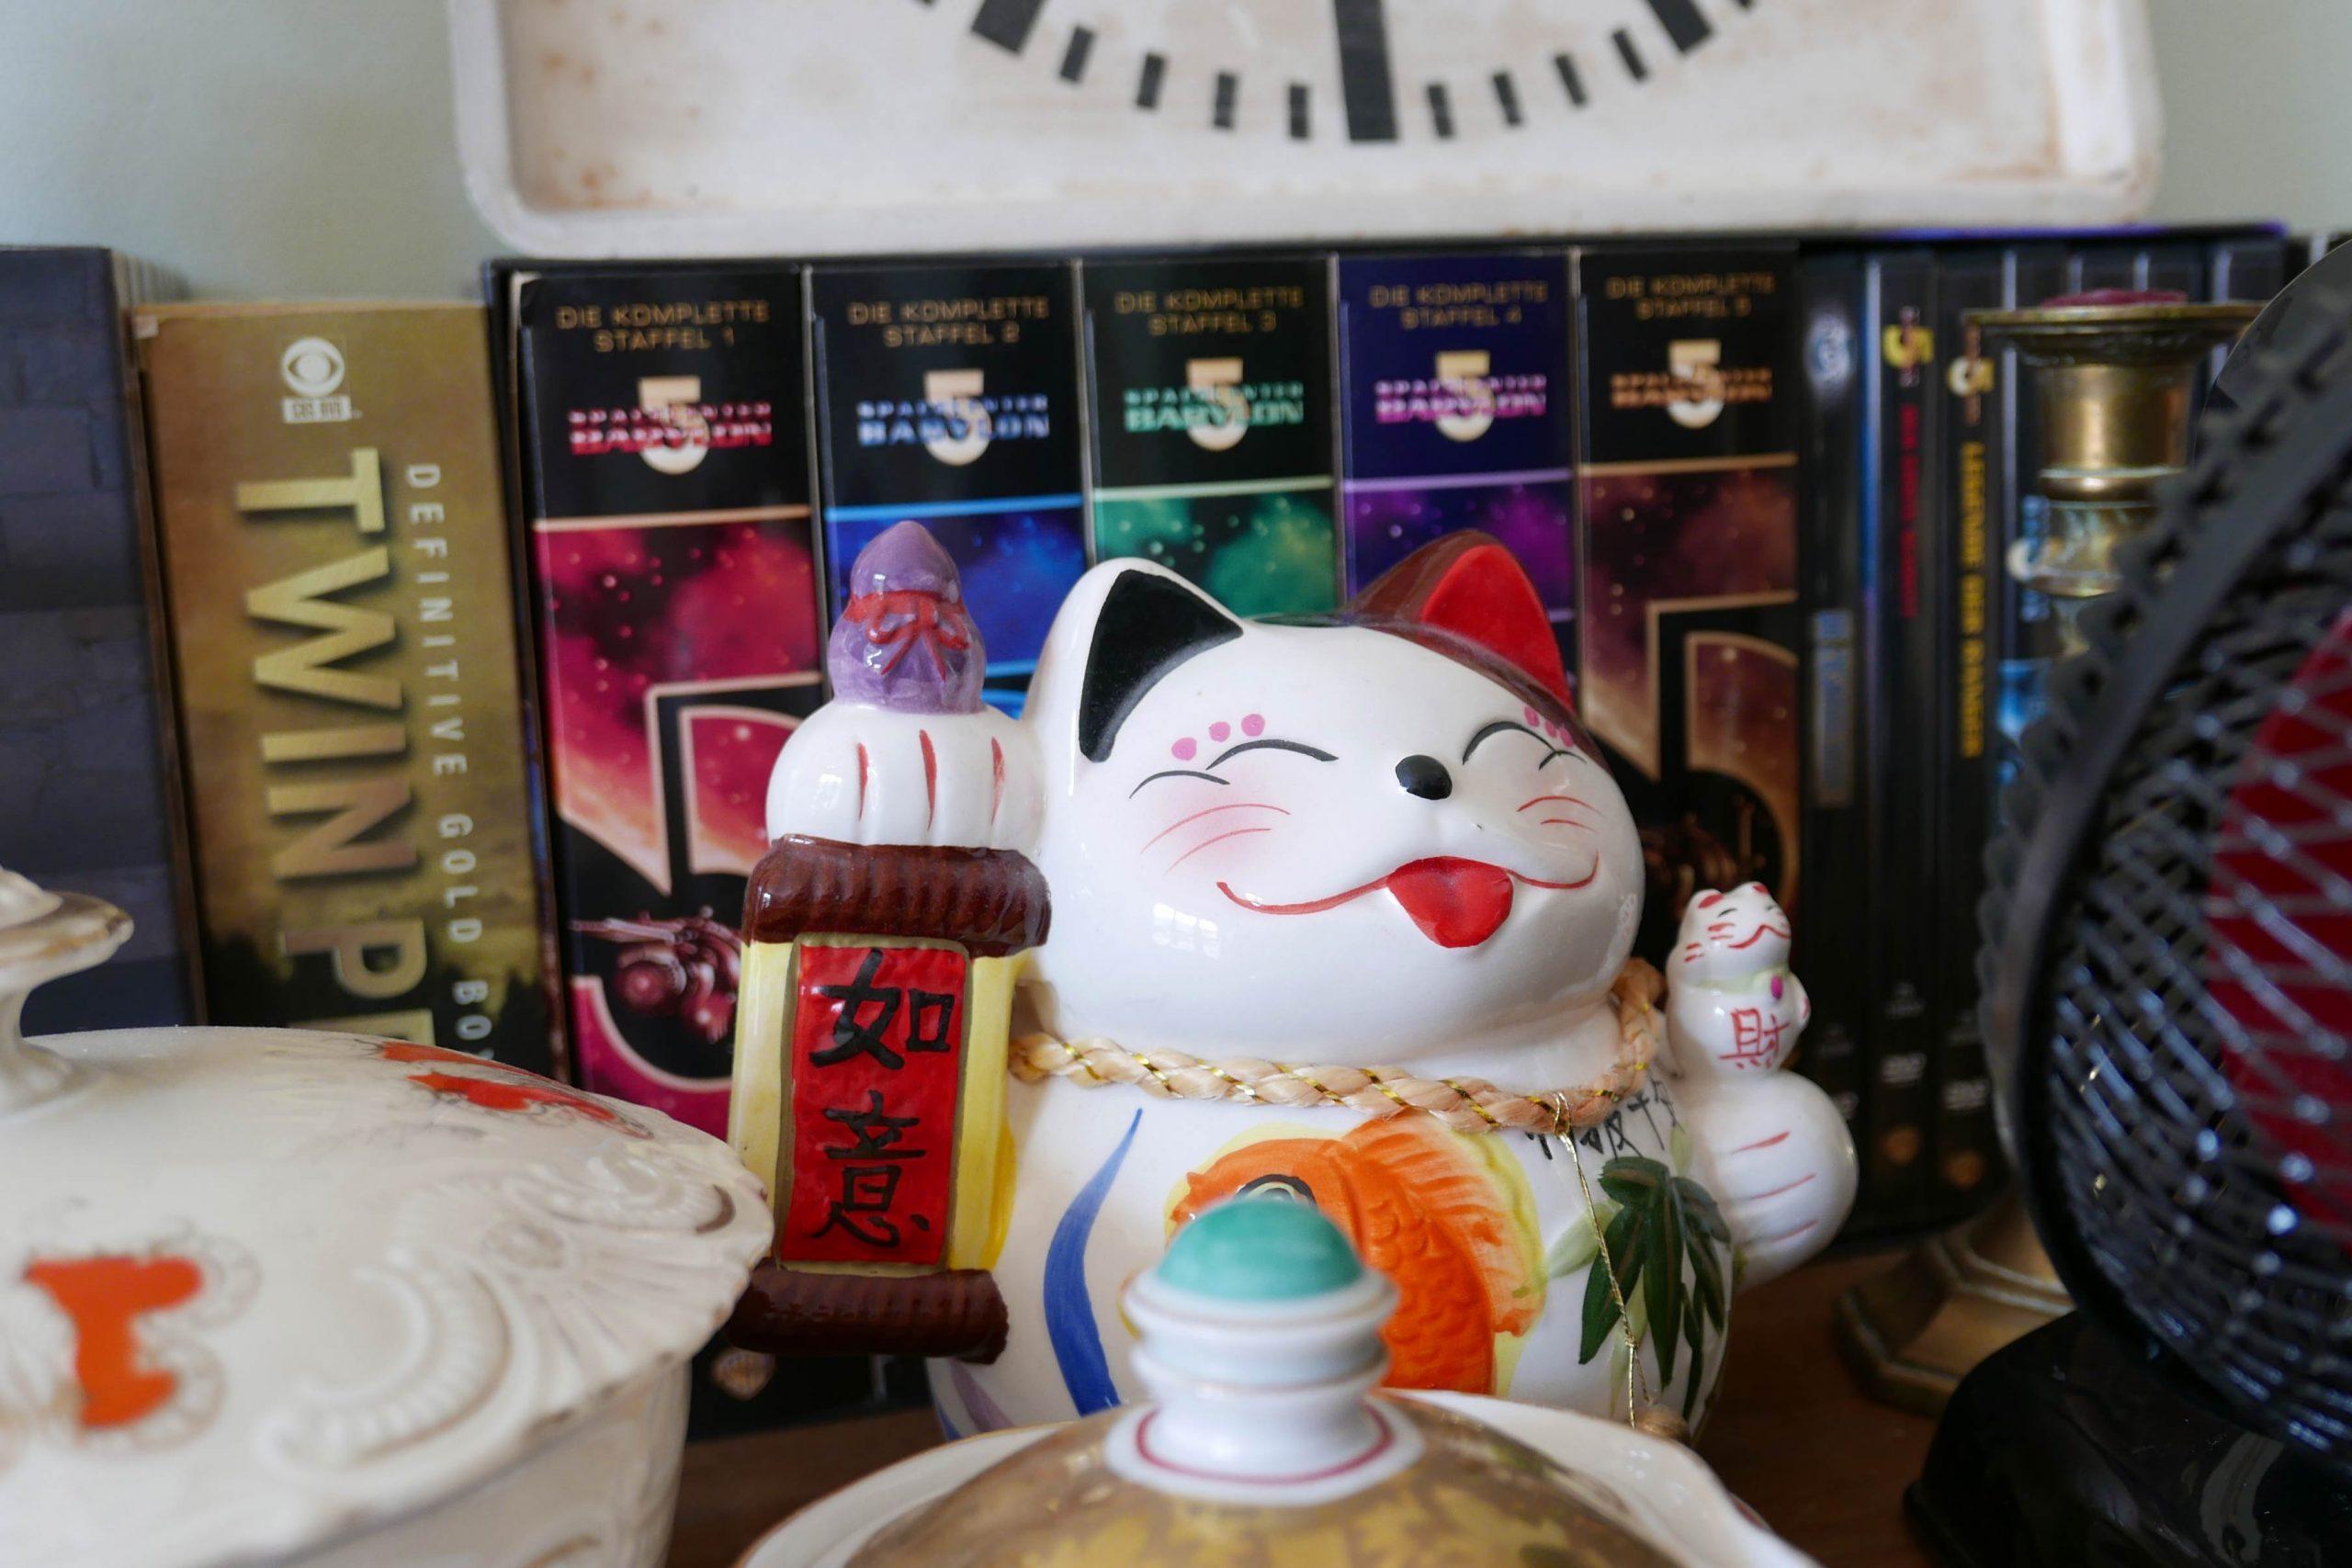 Glückskatze aus Keramik mit DVD Babylon 5 und Twin Peaks im Hintergrund